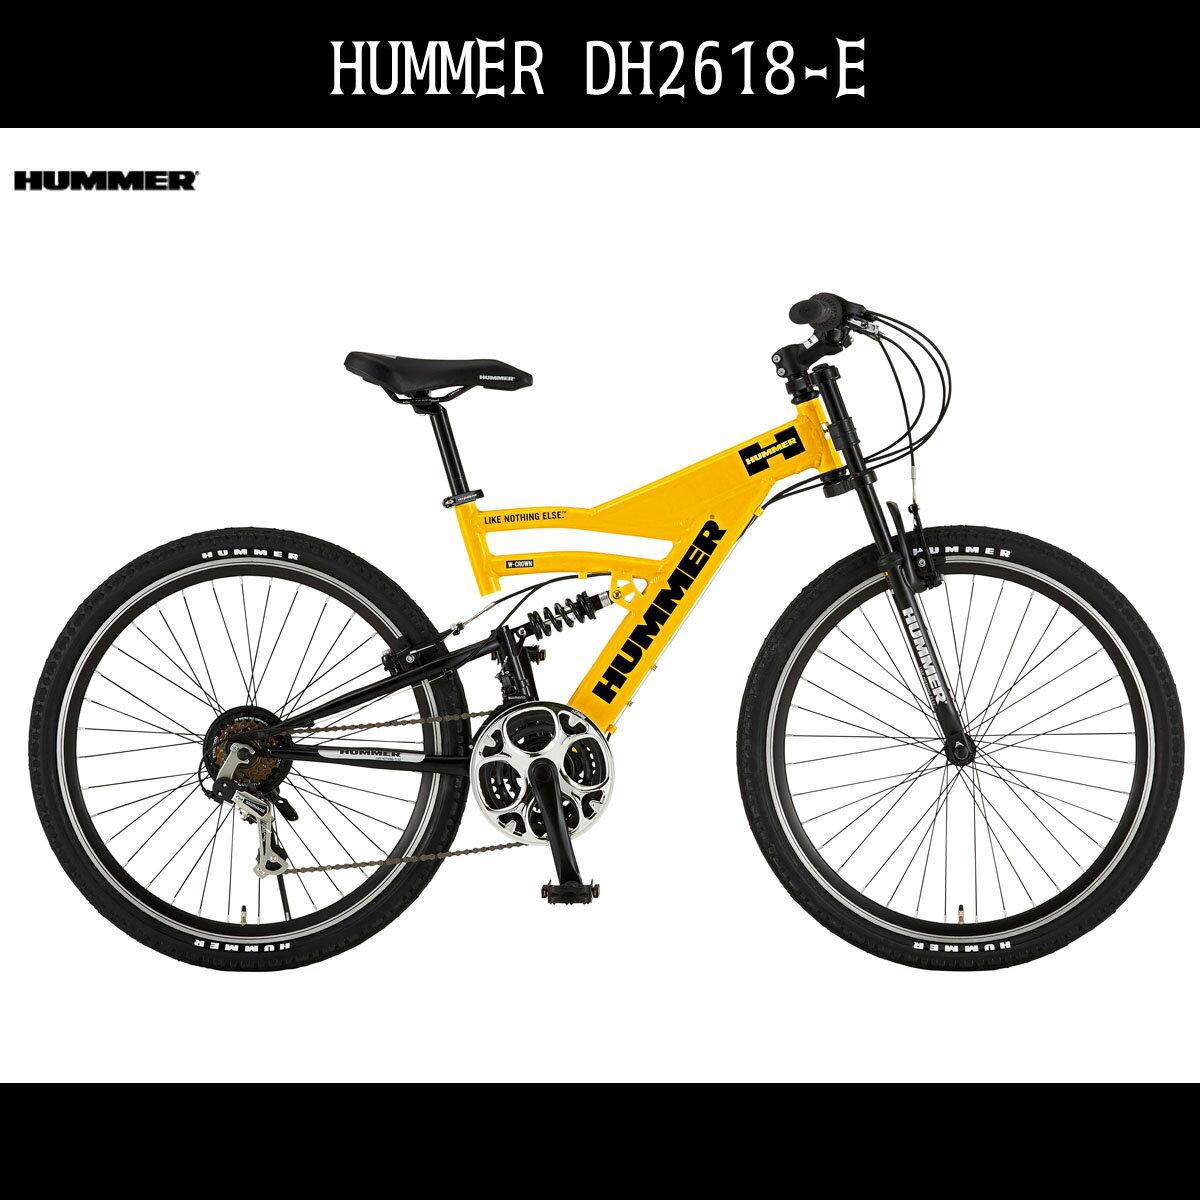 <関東限定特別価格>アルミニウム DH2618-E MTB アルミ 外装18段変速ギア ハマー マウンテンバイク 26インチ イエロー黄色 自転車 HUMMER ハマー マウンテンバイク 送料無料 激安 格安 通販 おしゃれ